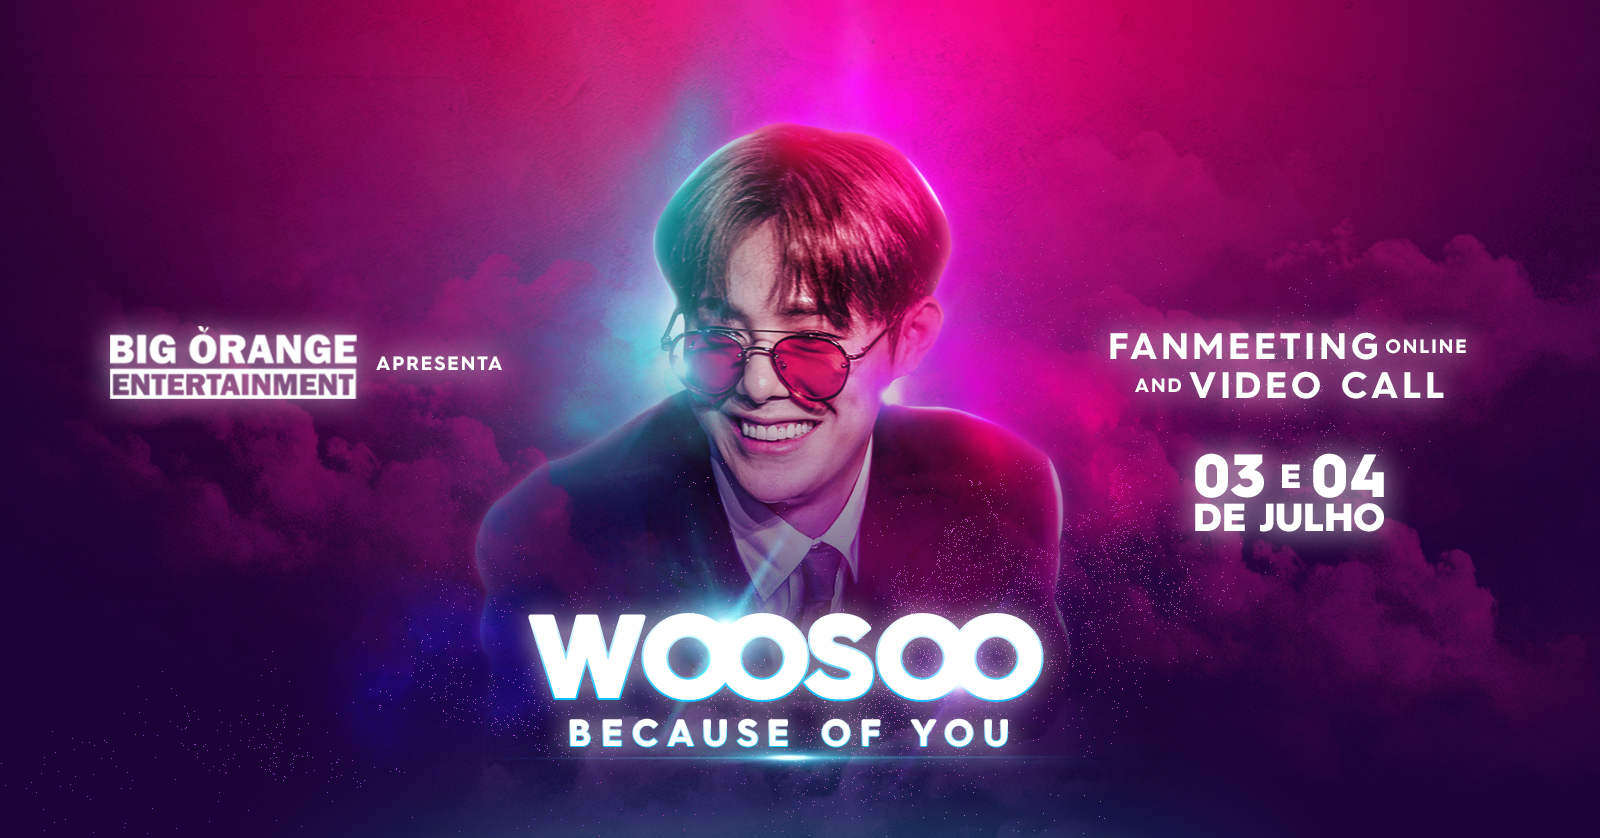 Cantor Woosoo realizará encontro online com fãs brasileiros